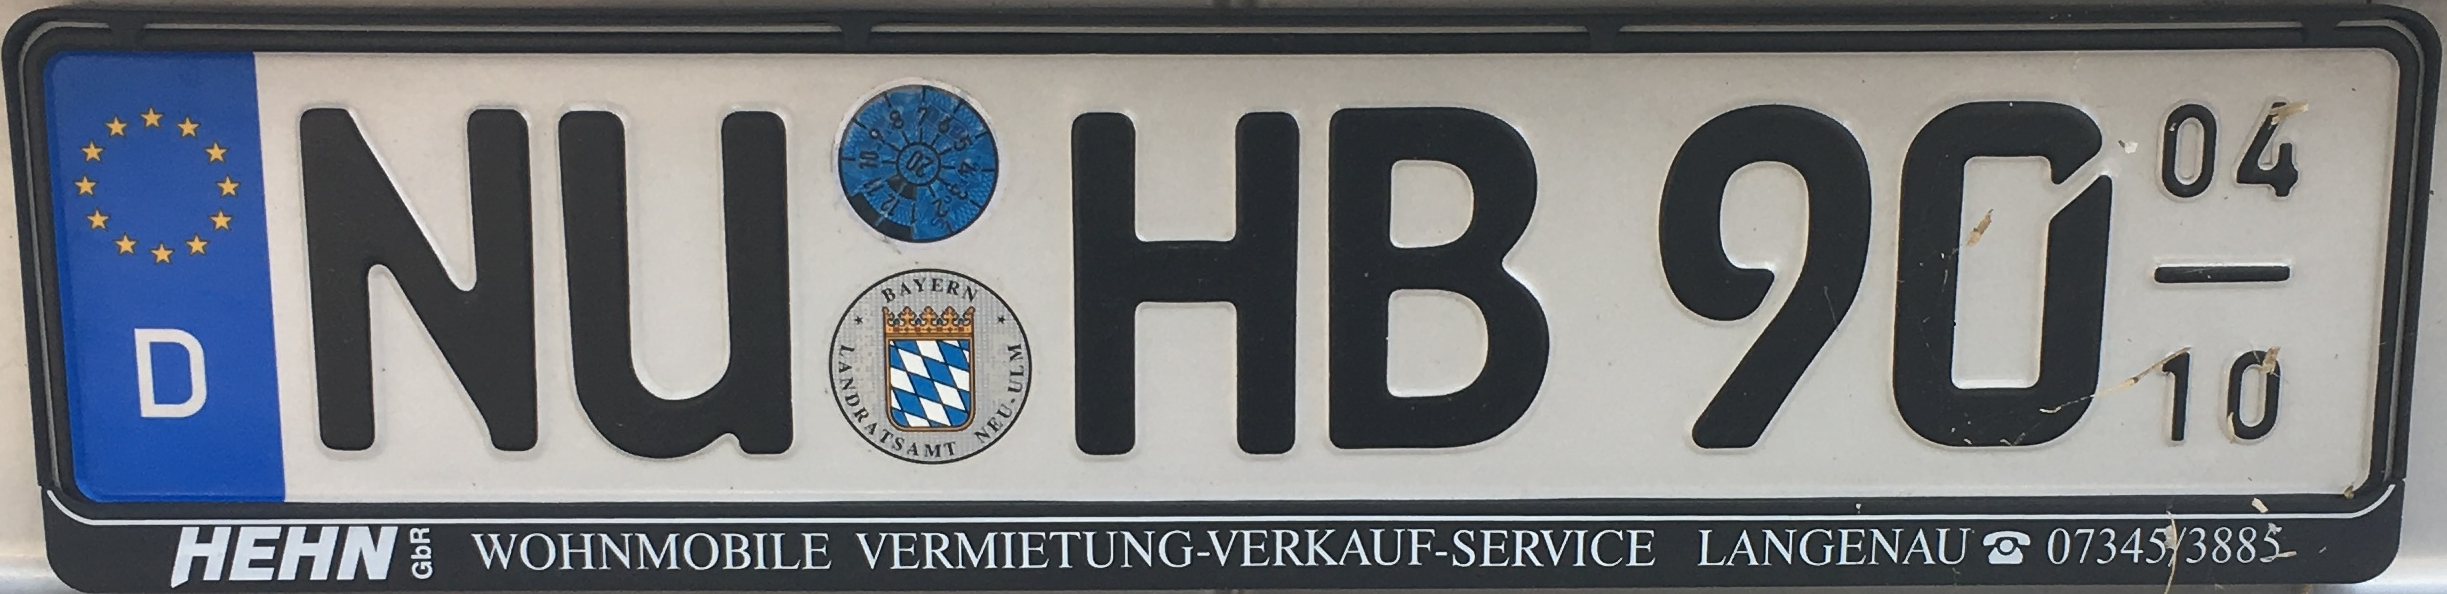 Registrační značky Německo - NU - Neu-Ulm (sezónní), foto: www.podalnici.cz